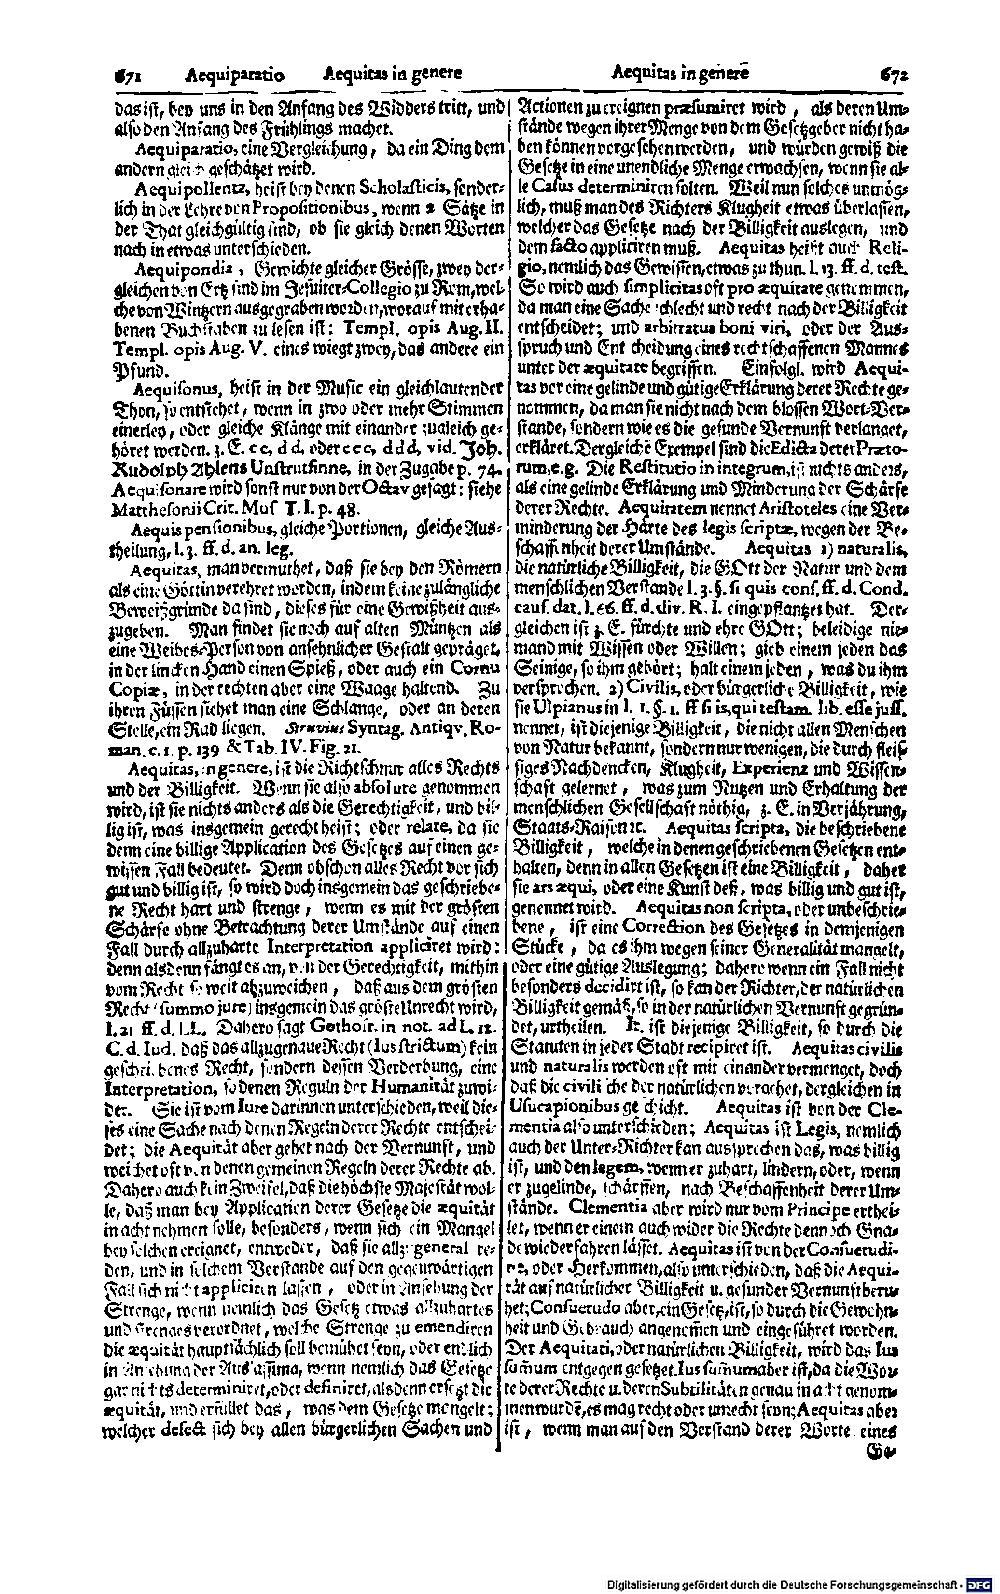 Bd. 01, Seite 0375.